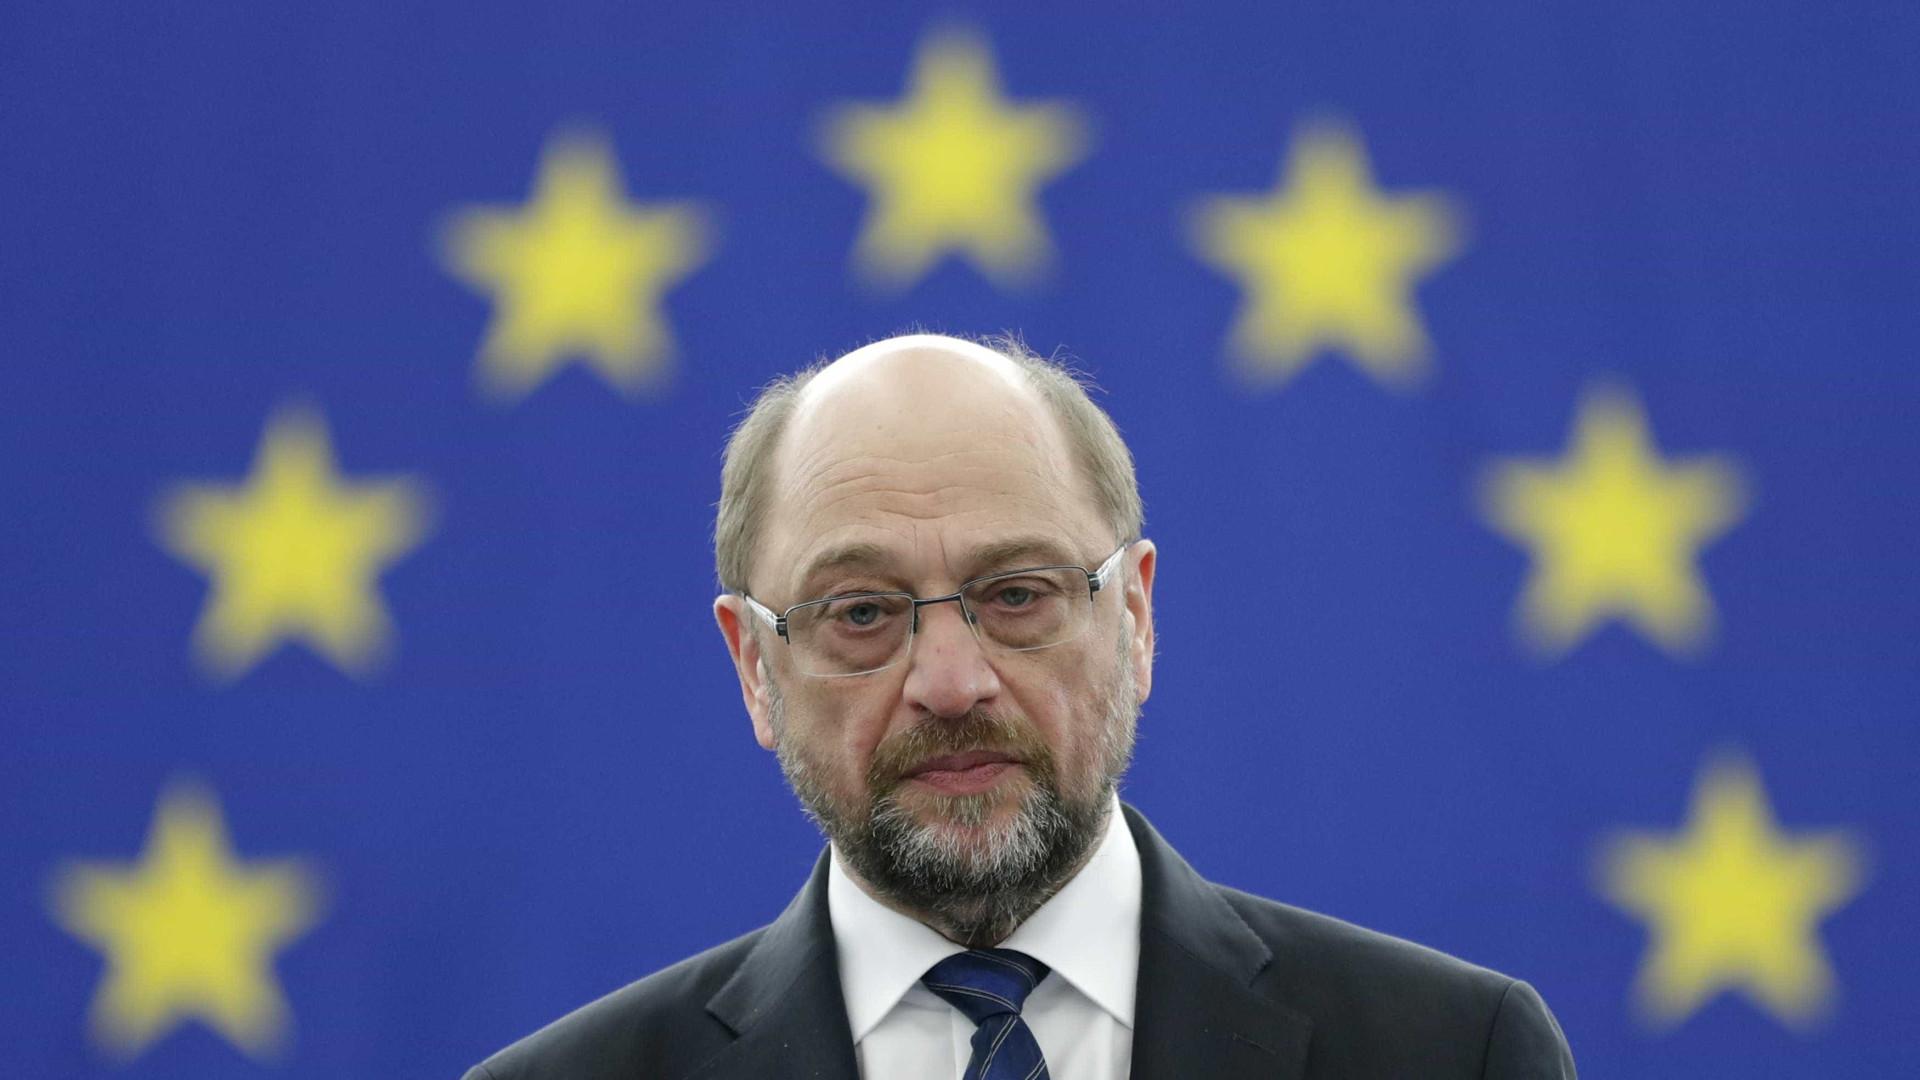 Após críticas à Alemanha, Martin Schulz responde assim a Trump